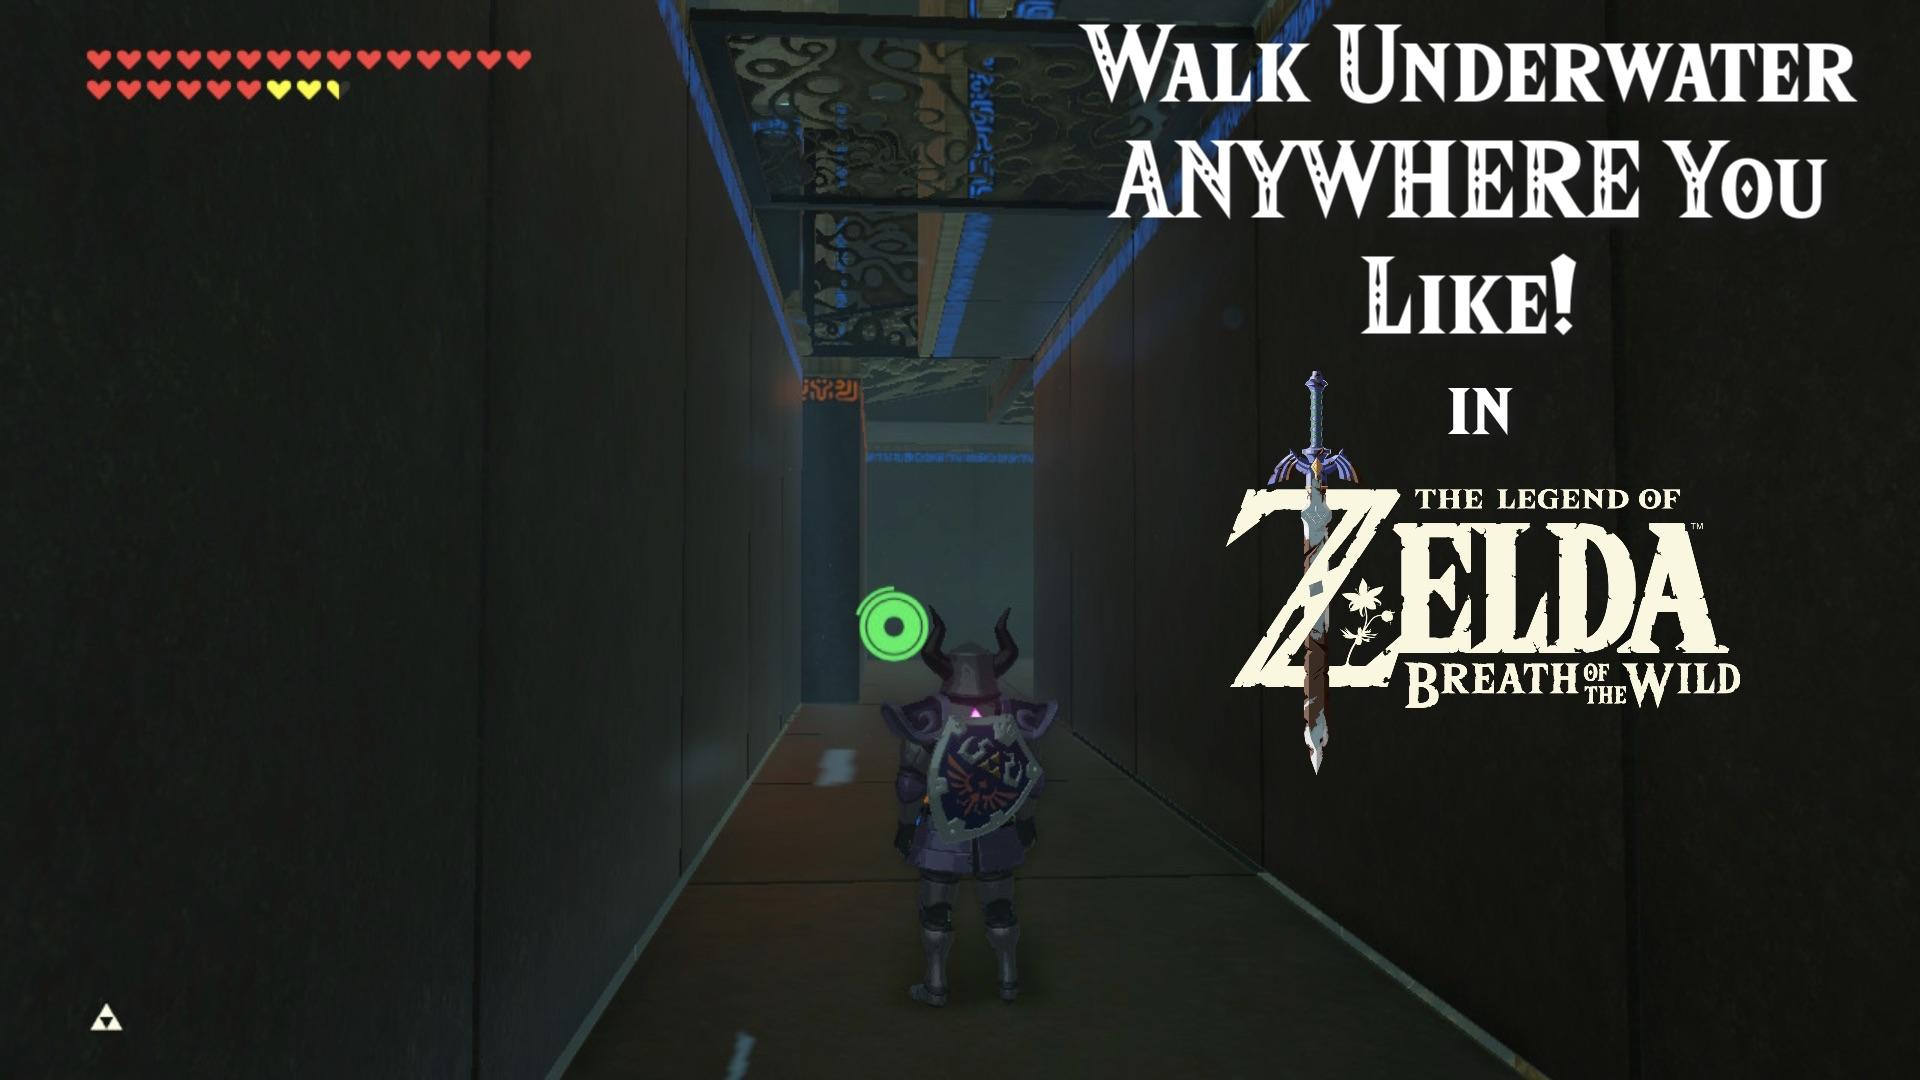 Walk Underwater Anywhere